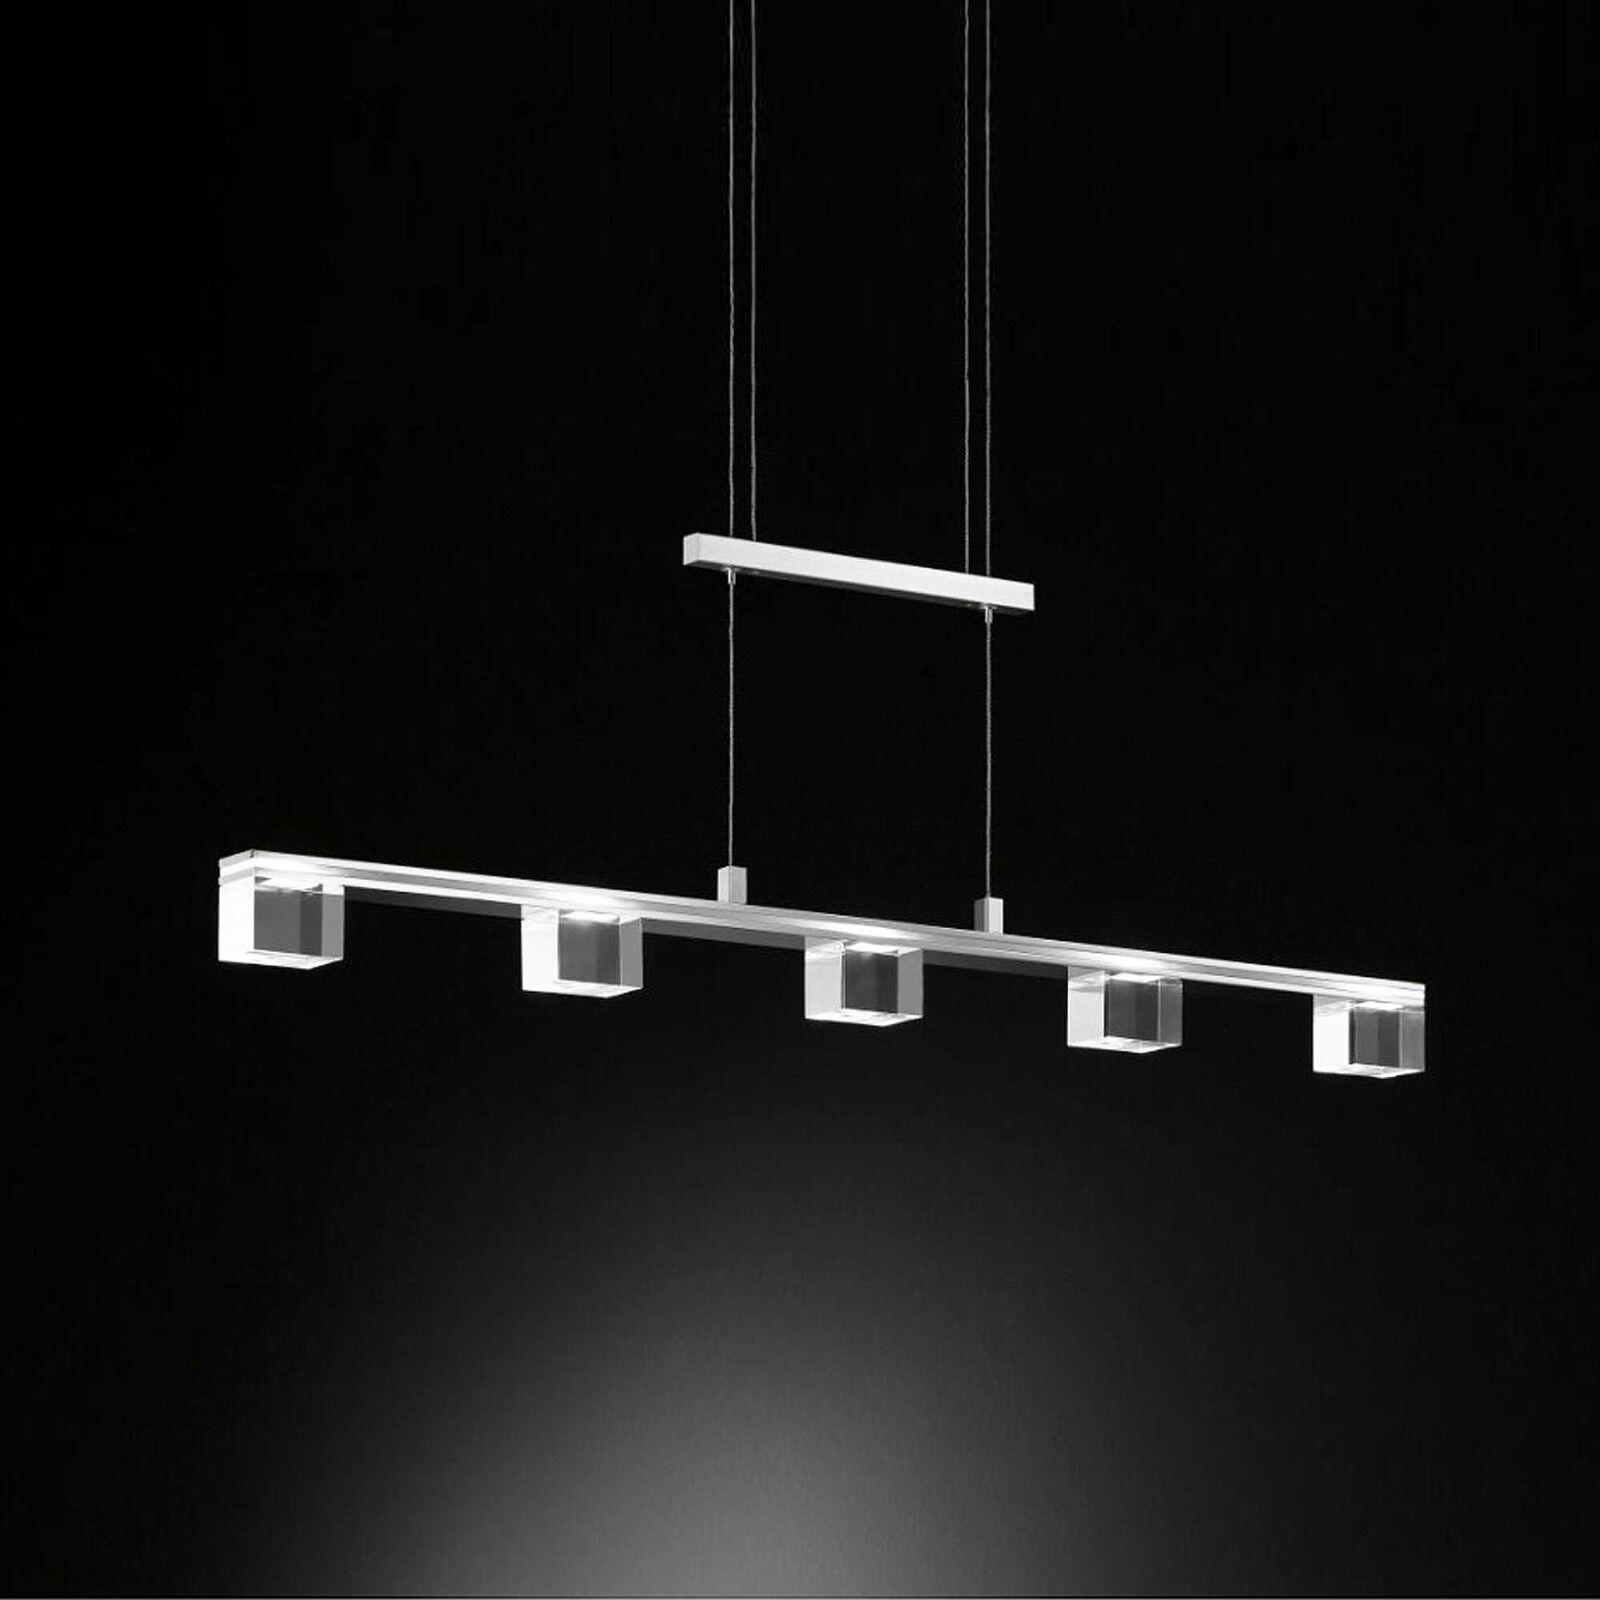 Wofi LED Pendelleuchte Century Century Century 5-flg Chrom Ess Wohn Zimmer Küche Esstisch Lampe | Online Shop  |  644302